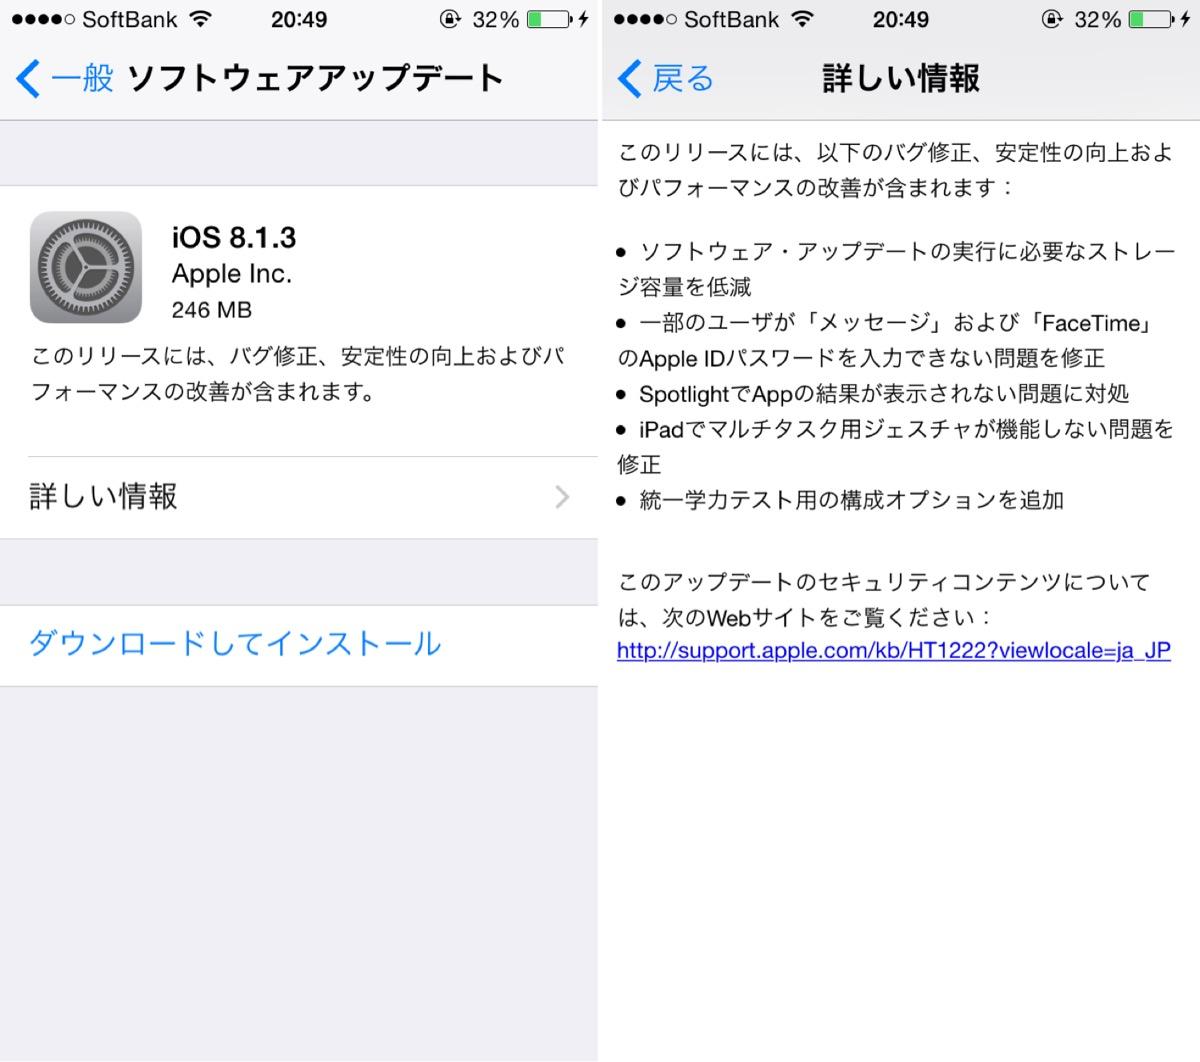 ios8.1.3にアップデート